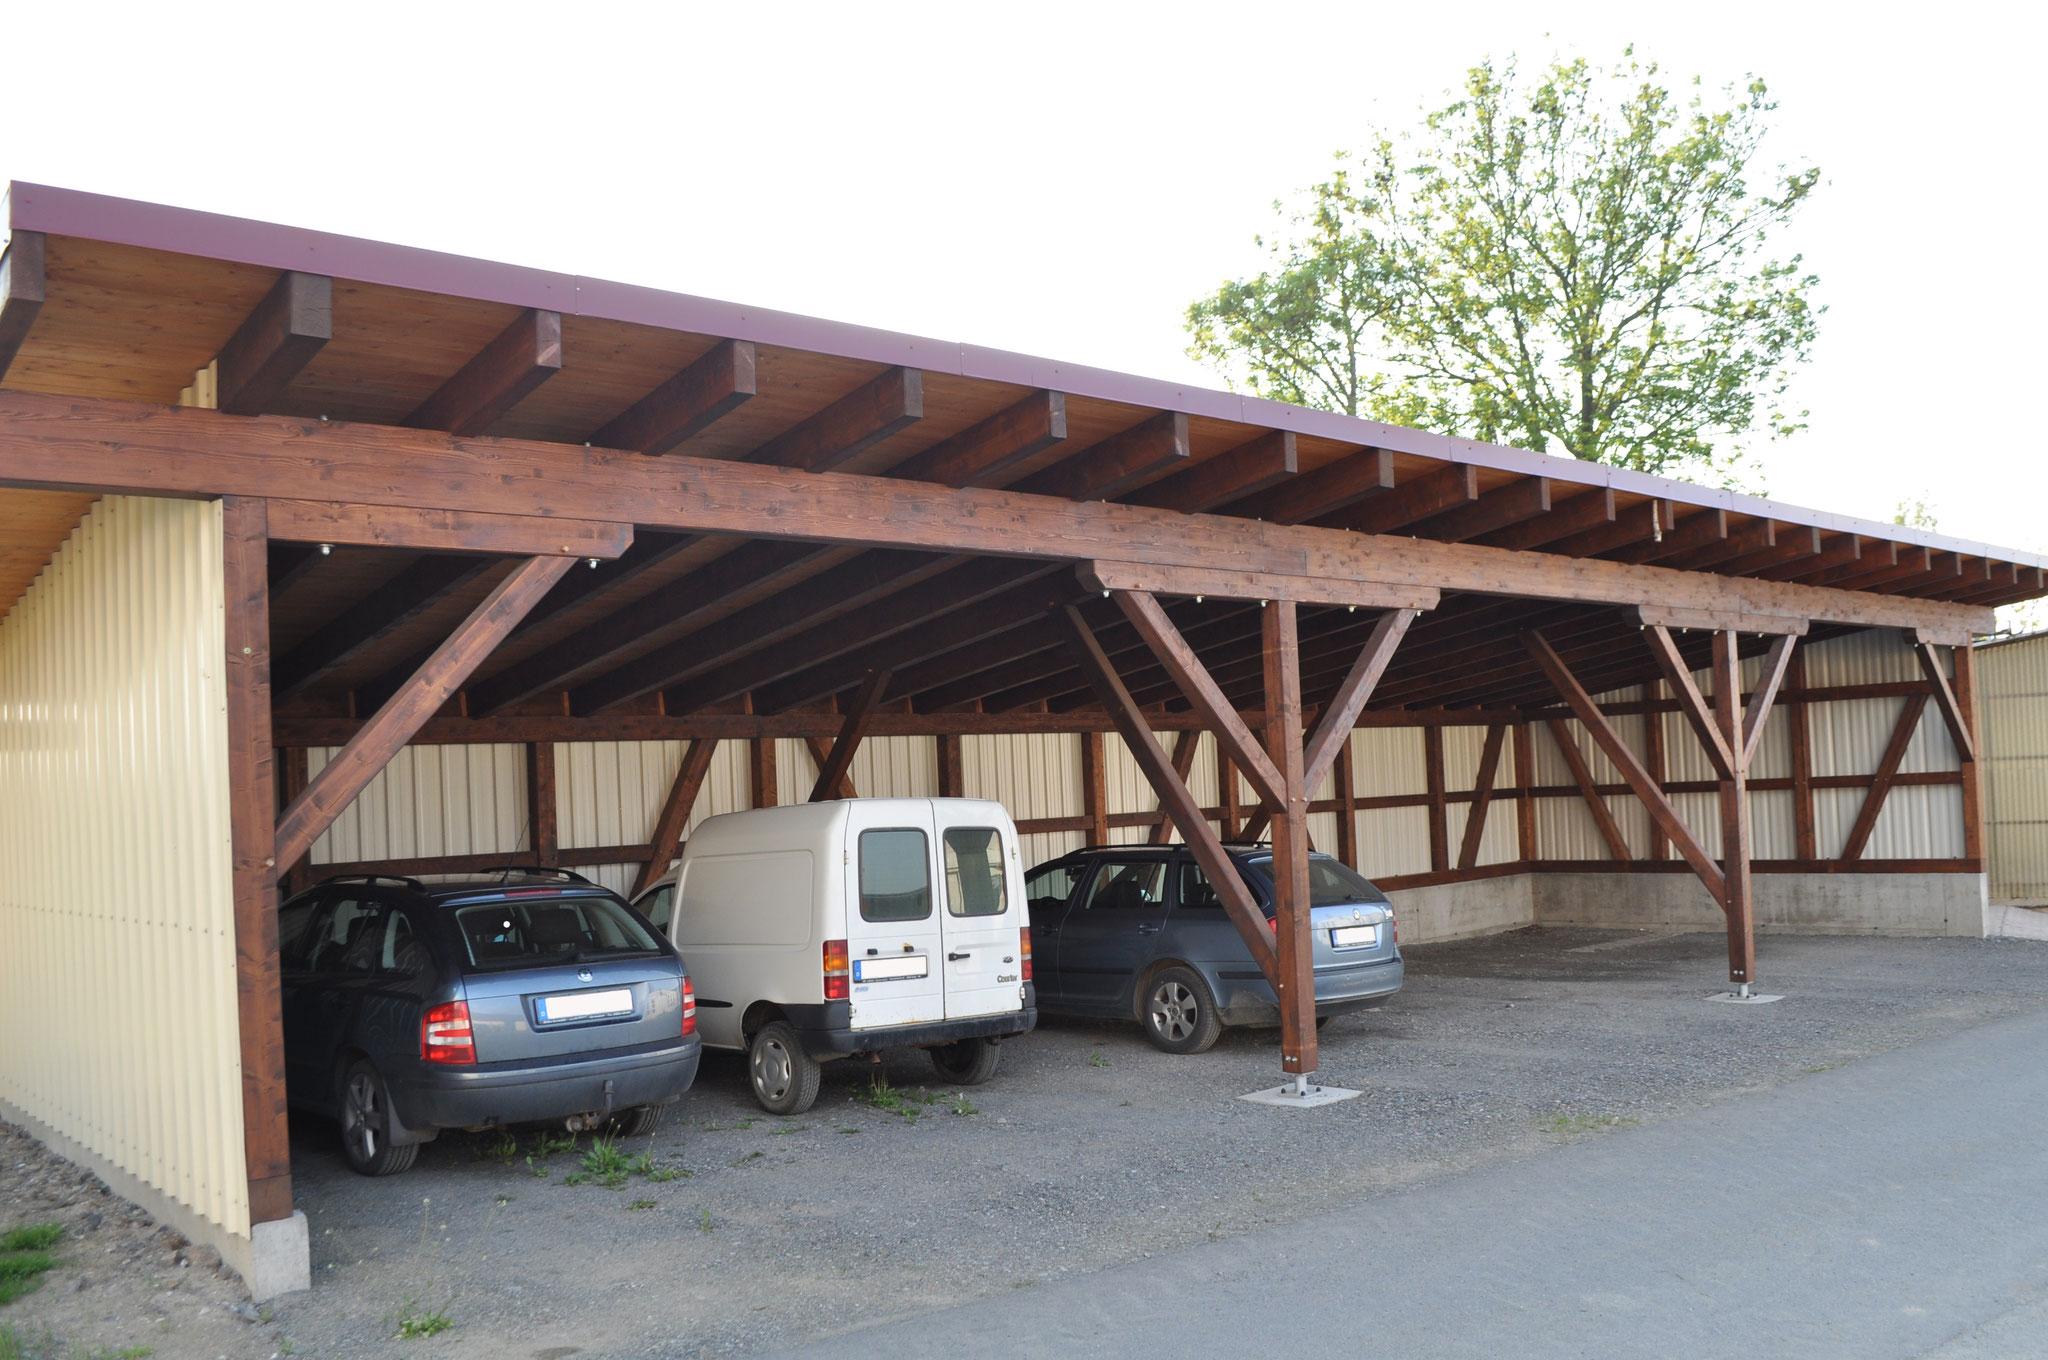 Carportanlage für mehrere Fahrzeuge